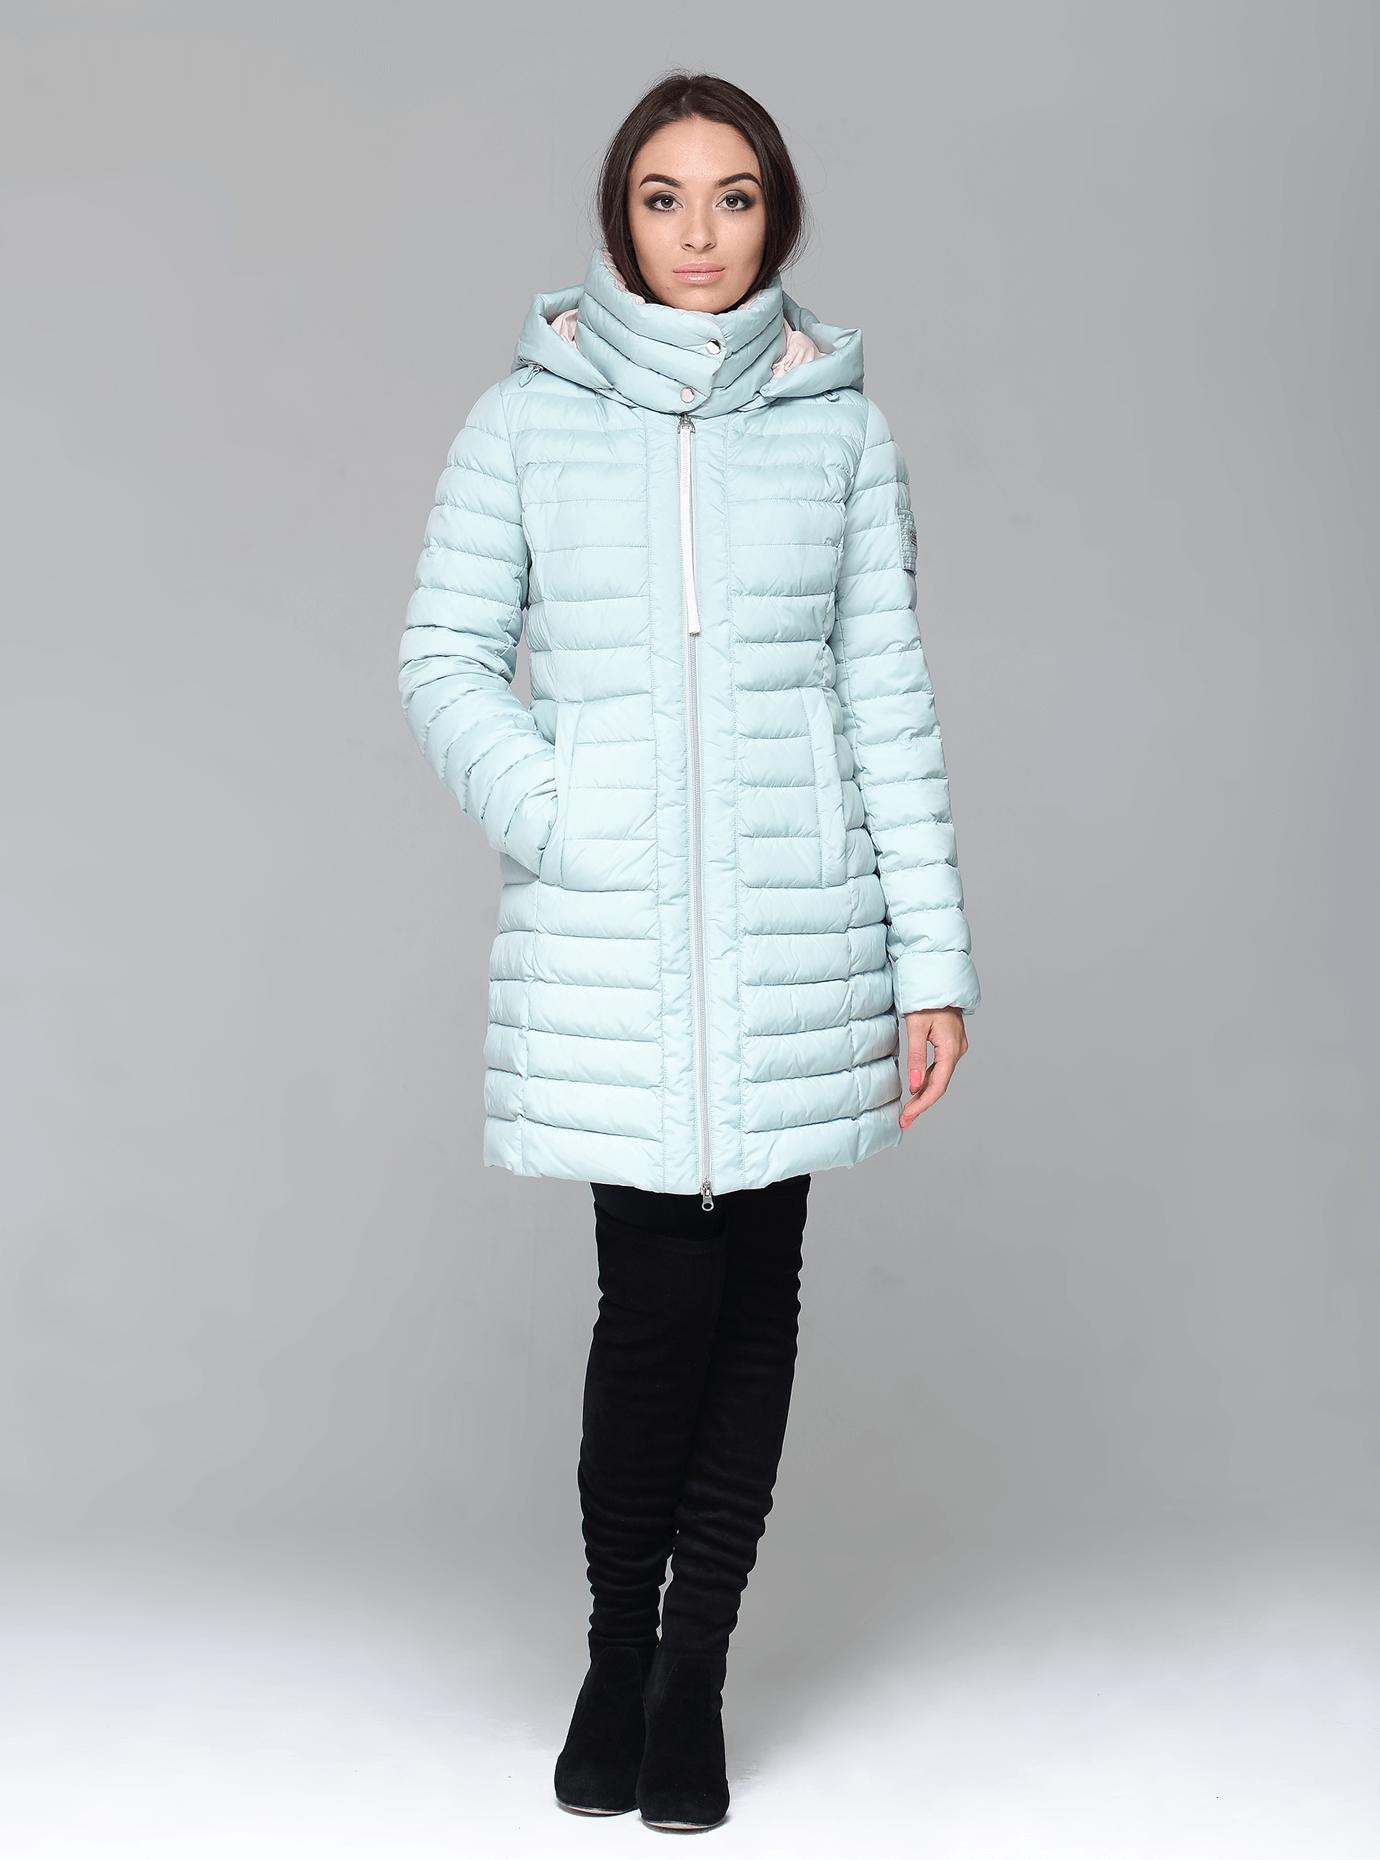 Куртка зимняя женская стёганная Мятный S (02-CR170130): фото - Alster.ua